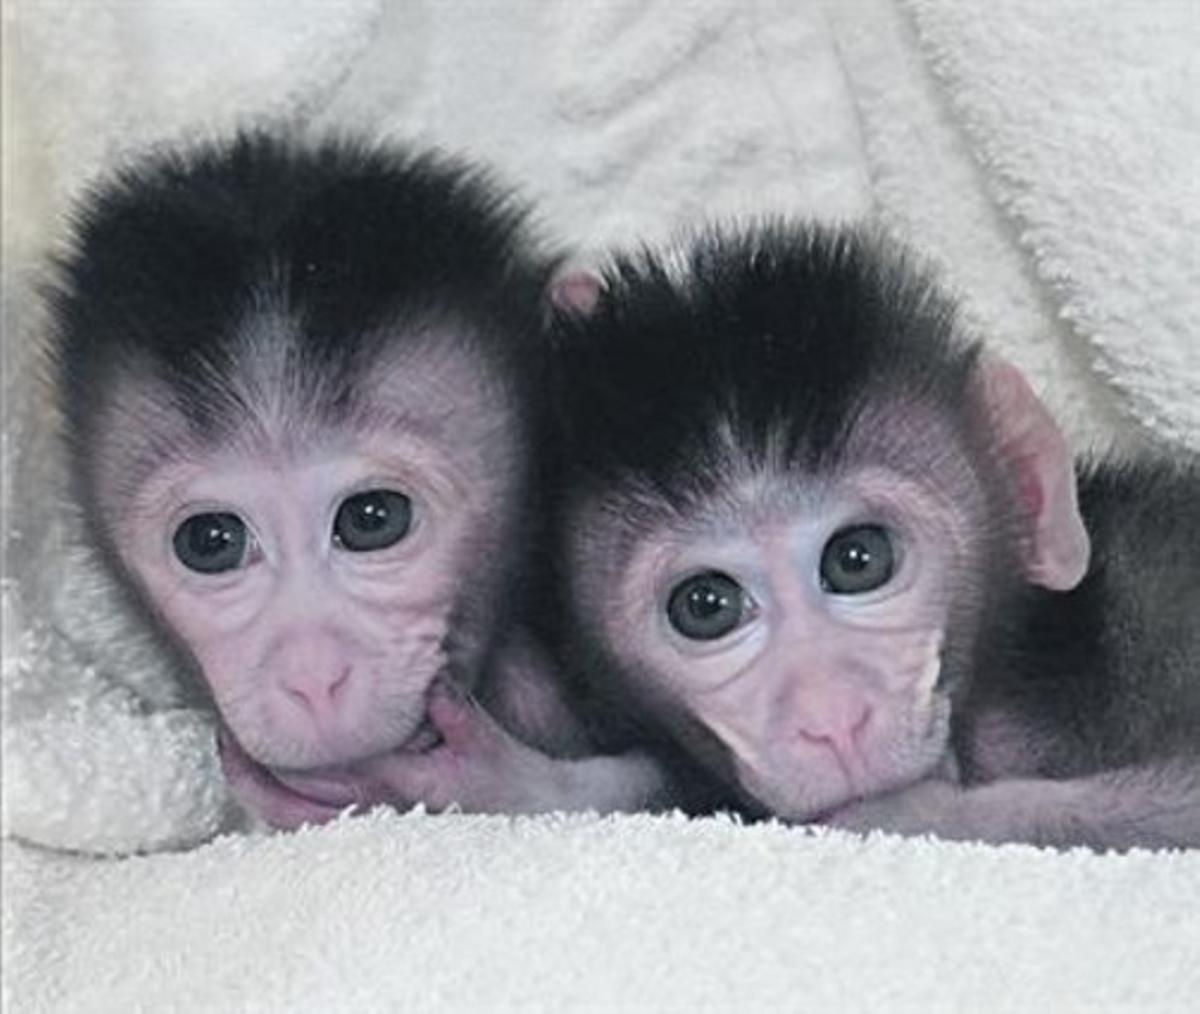 Los macacos Mingming and Ningning, modificados genéticamente y nacidos en la Universidad de Nanjing.